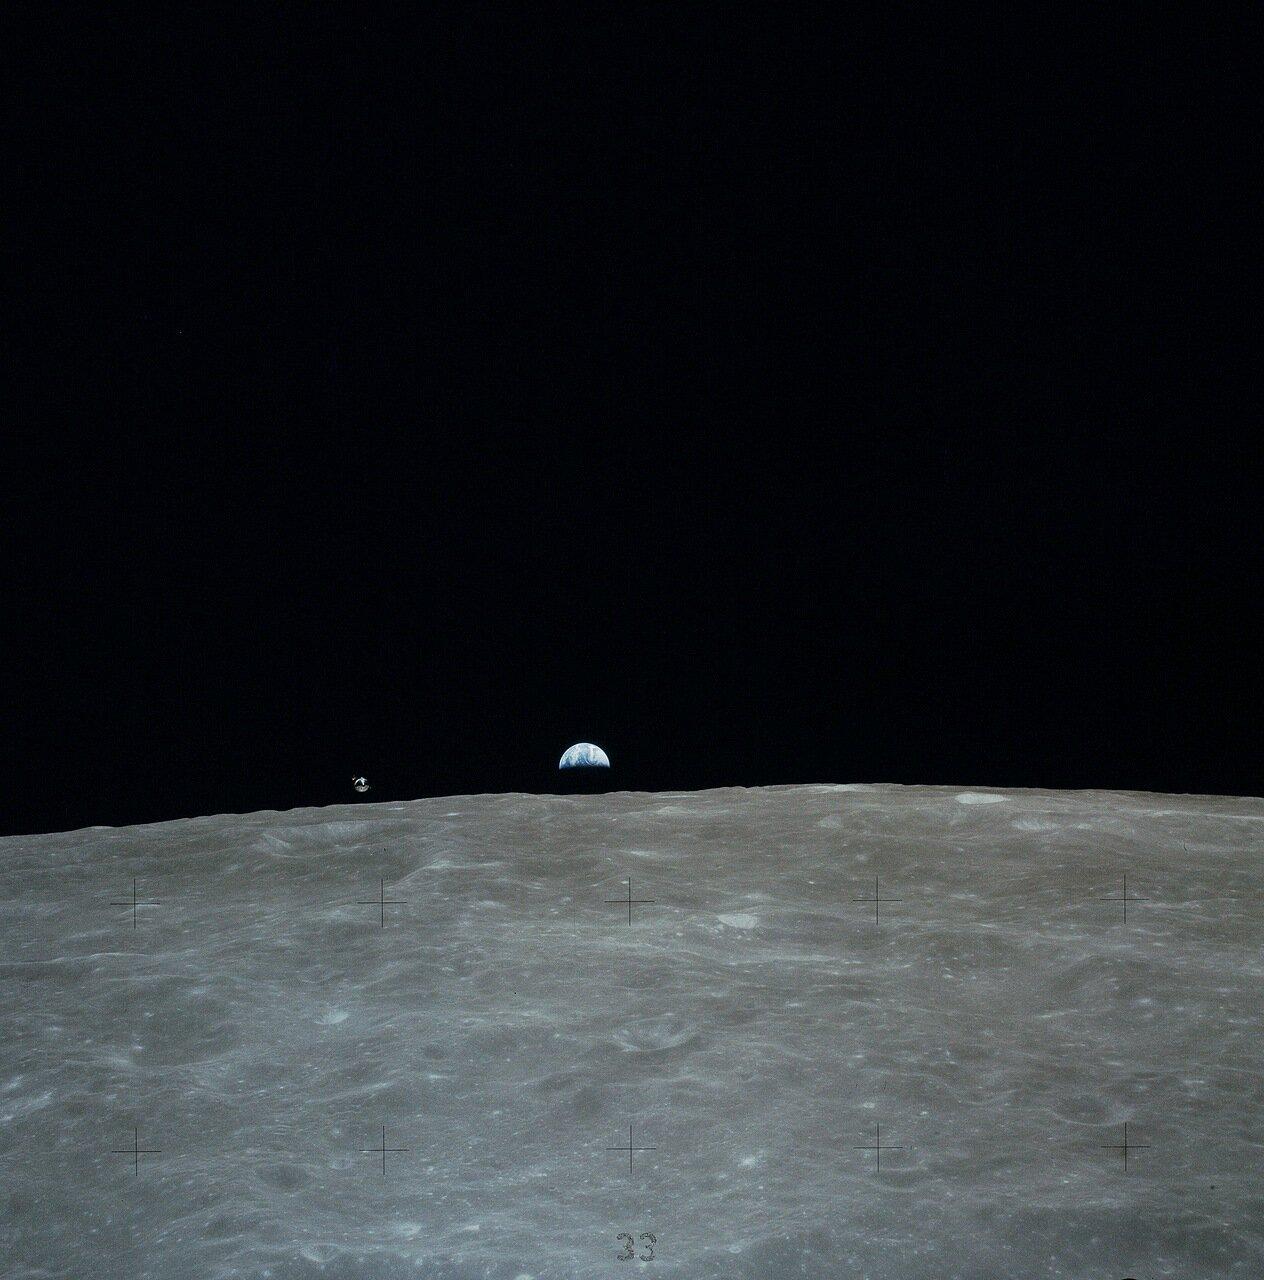 На высоте около 6000 м Джон Янг, вытянув шею, смог разглядеть детали поверхности вблизи запланированного района посадки: западный склон горы Стоун Маунтин На снимке: «Каспер» и Земля над лунным горизонтом, снятые из «Ориона»